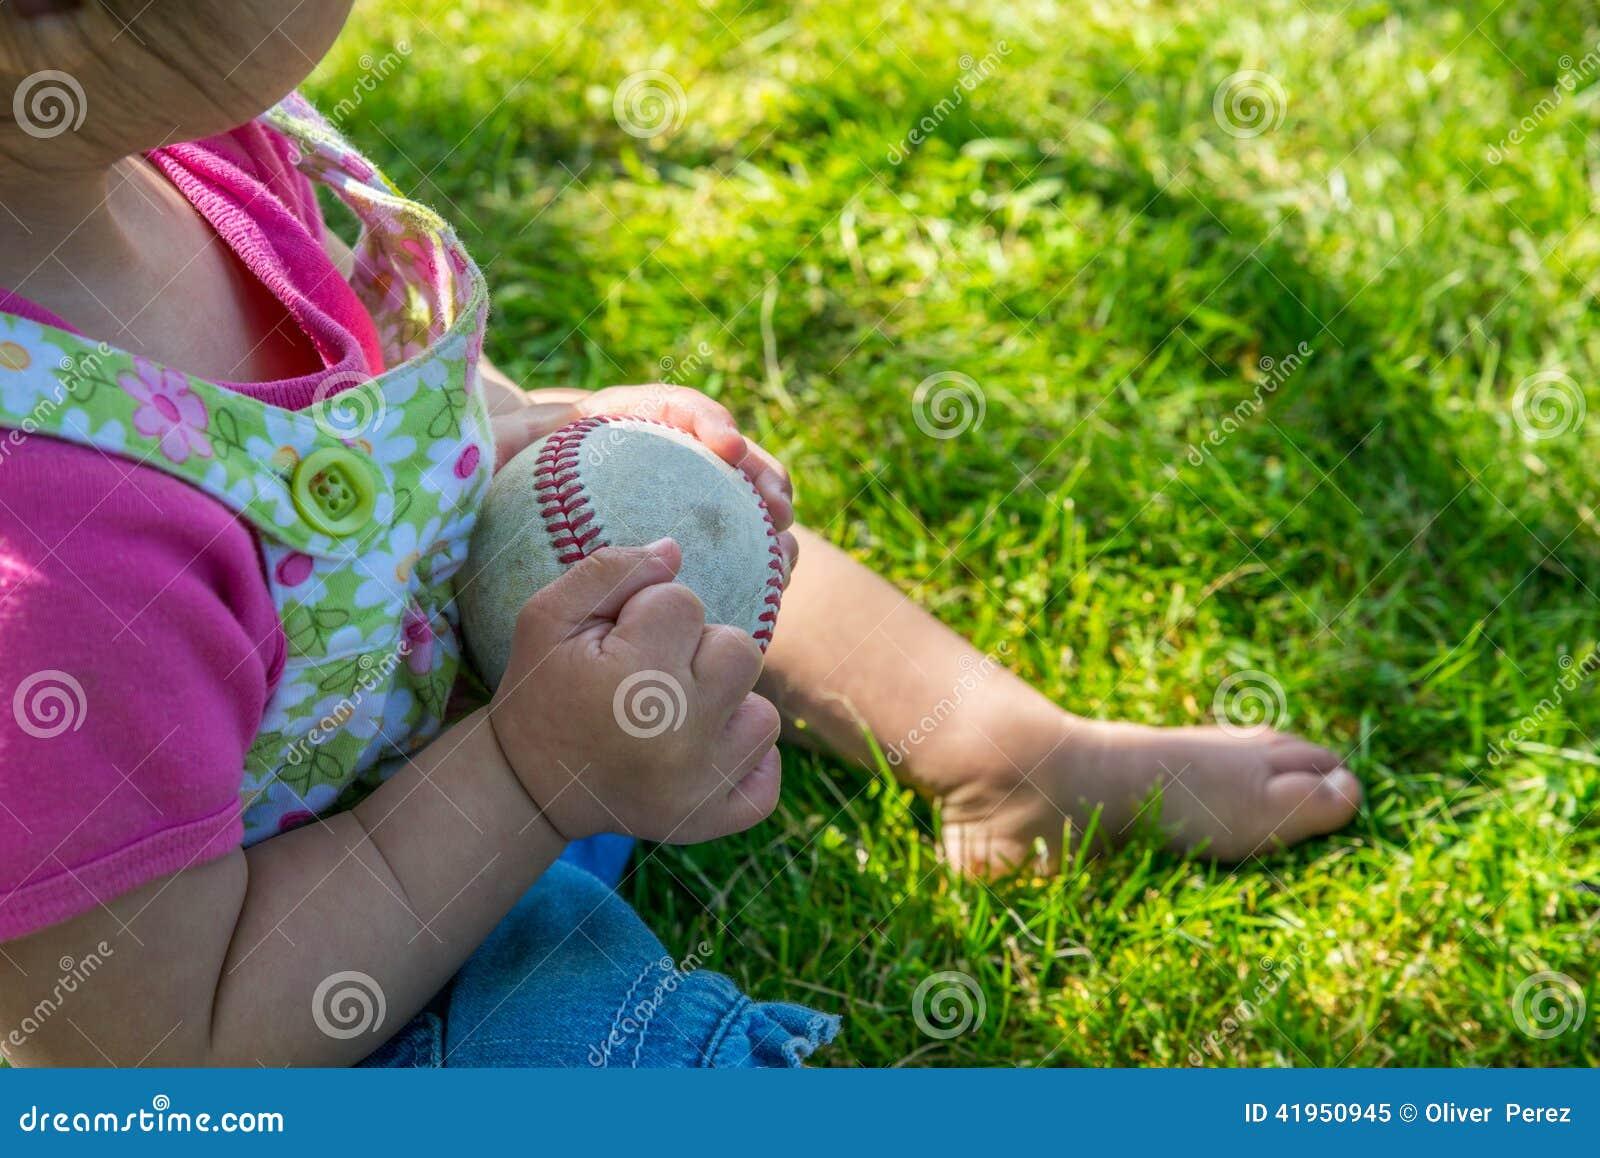 Dziecko bawić się z baseballem w cieniu